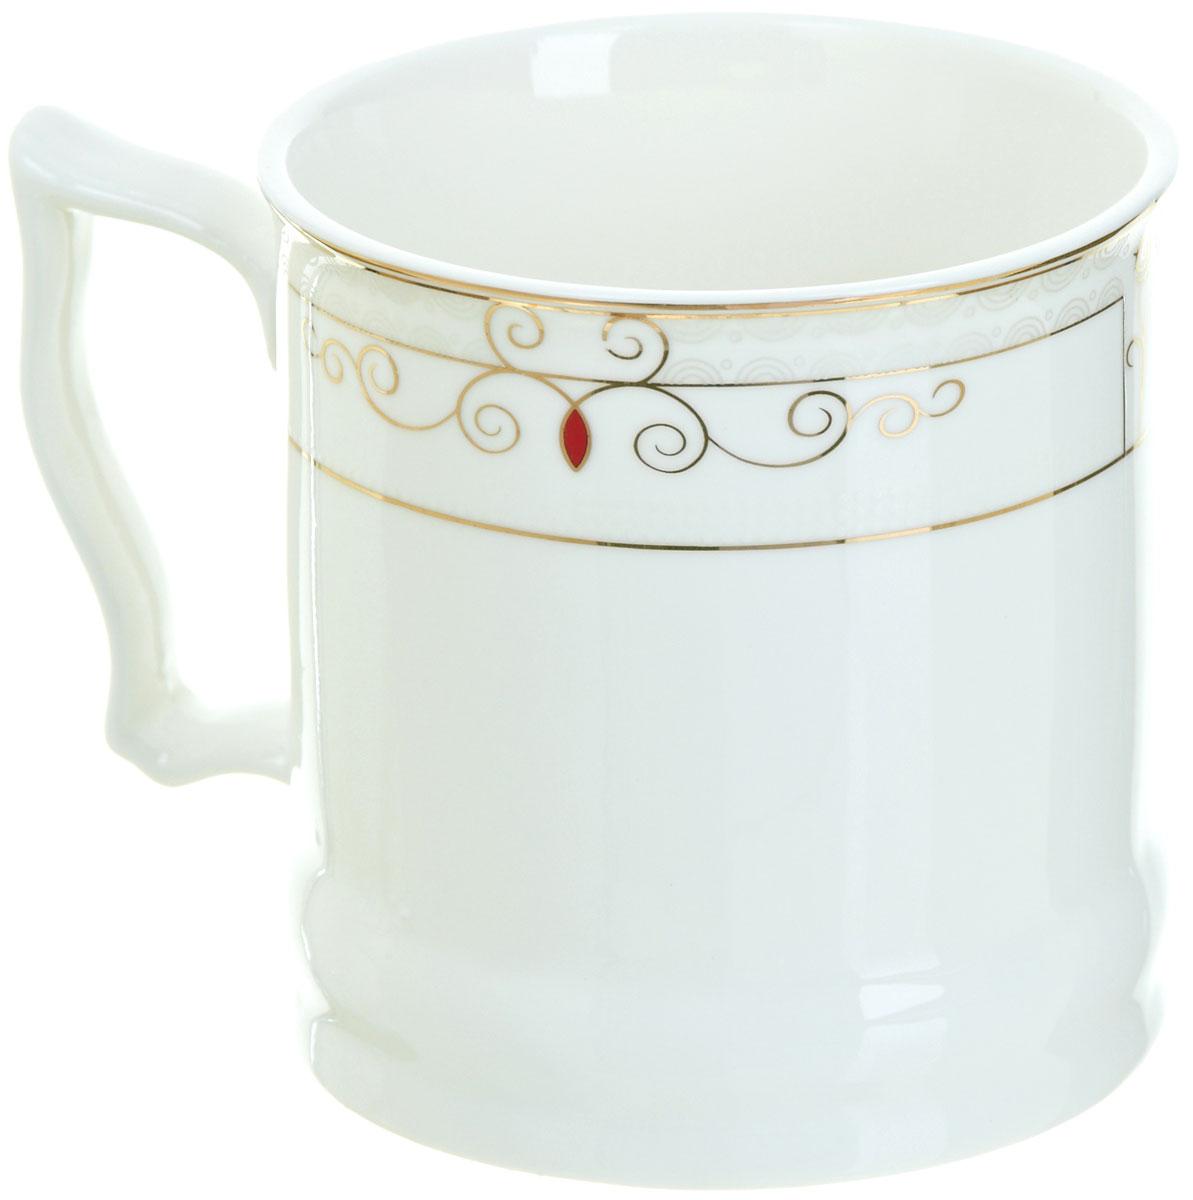 """Оригинальная кружка """"Best Home Porcelain"""", выполненная из высококачественного фарфора, сочетает в себе простой, утонченный дизайн с максимальной функциональностью. Оригинальность оформления придутся по вкусу тем, кто ценит индивидуальность. Можно использовать в ПММ."""